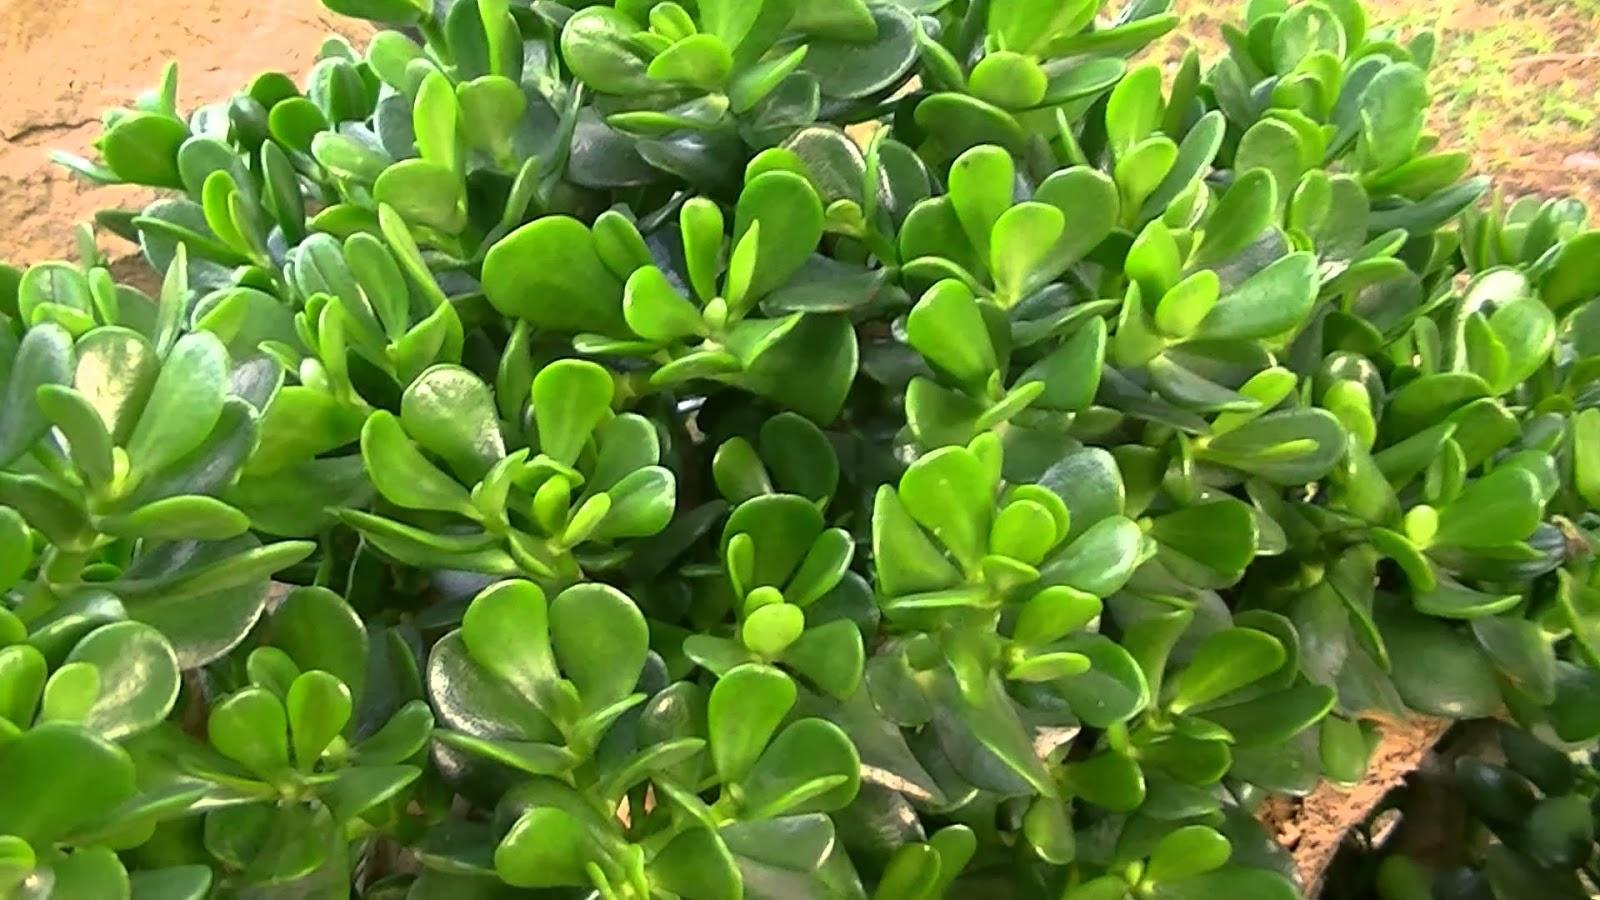 El espiritu de las plantas planta de jade for Planta decorativa con propiedades medicinales